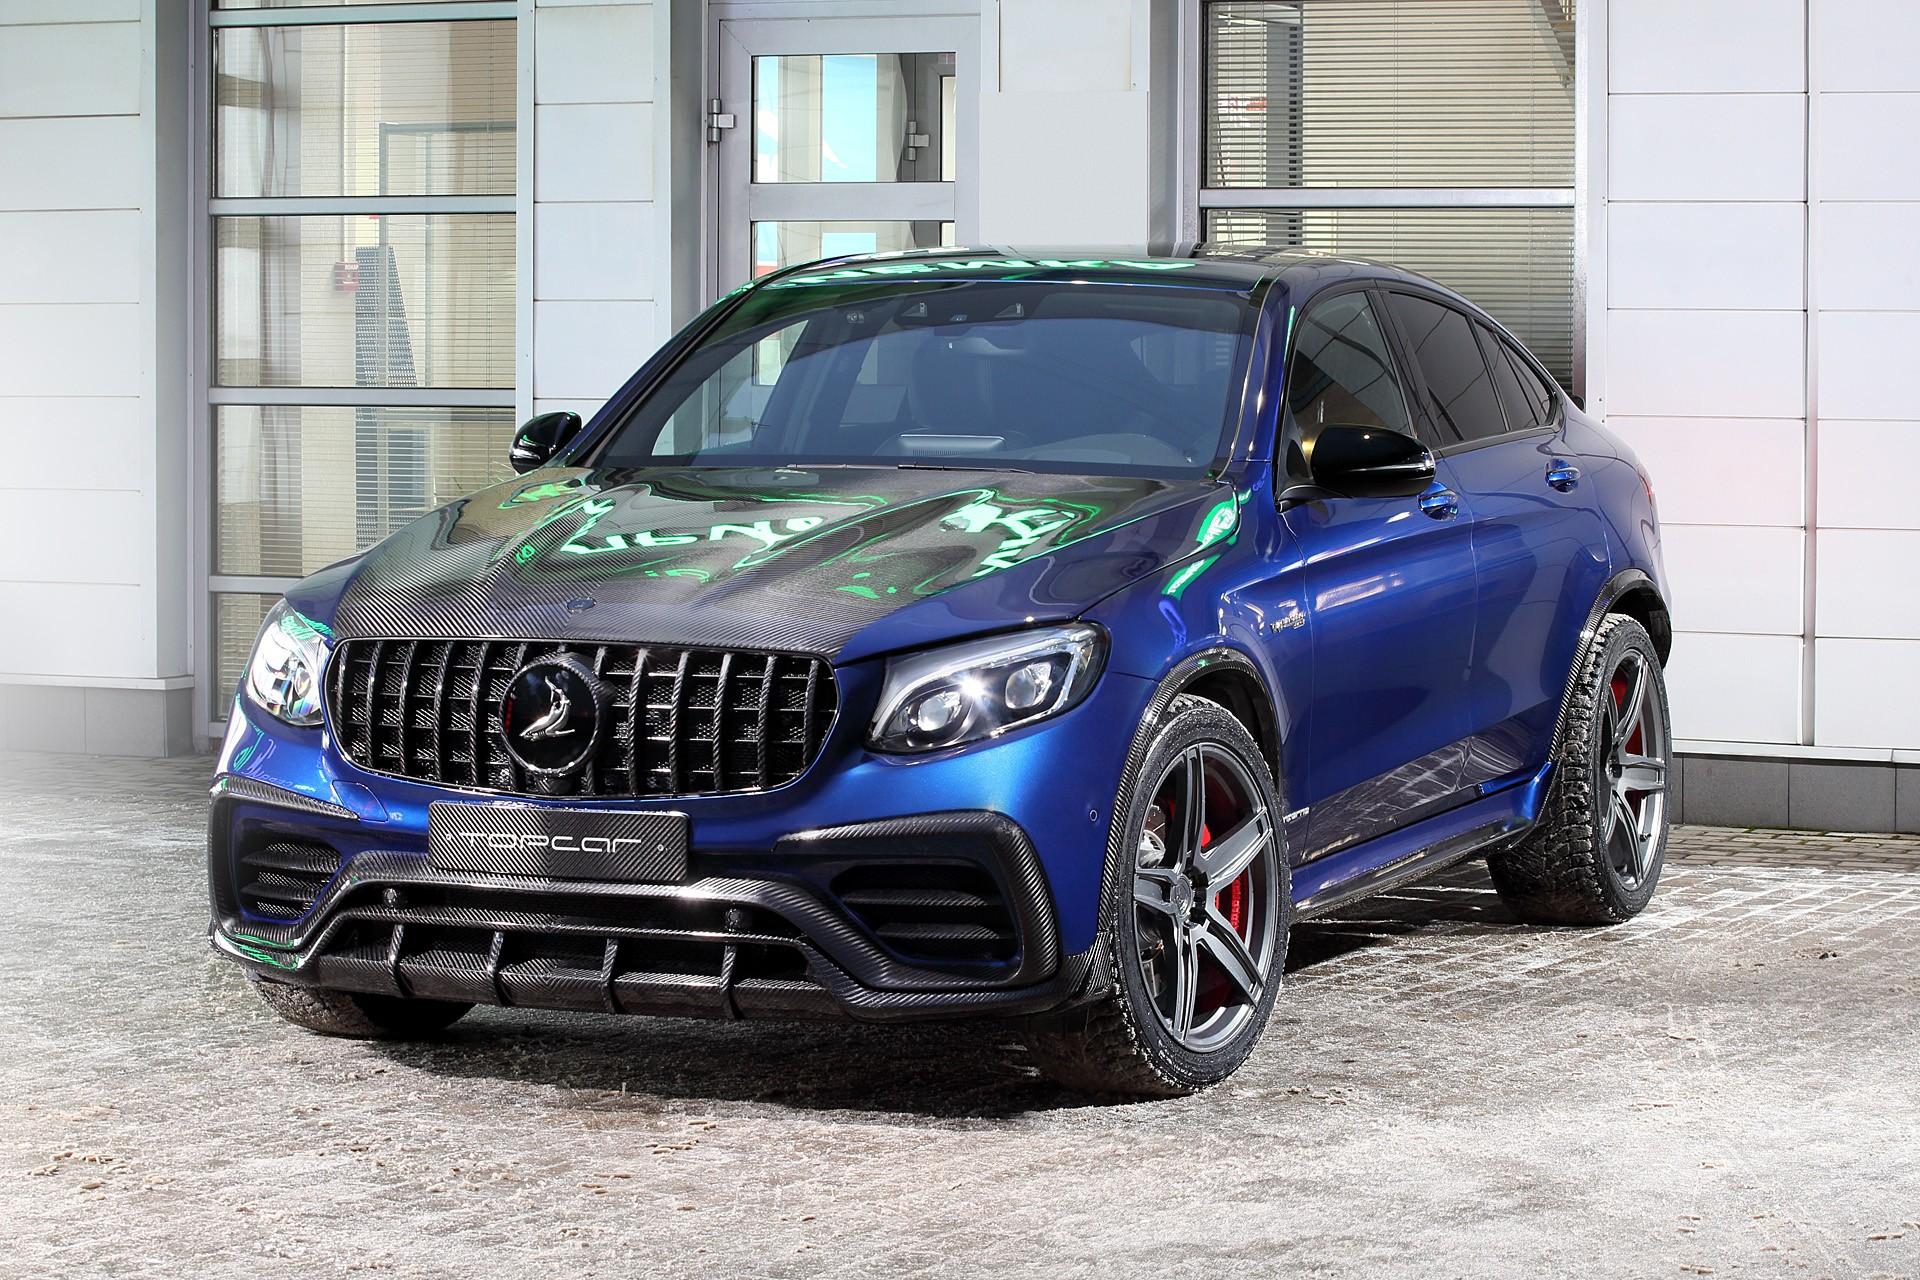 Тюнинг TopCar Inferno для Mercedes GLC-class Coupe